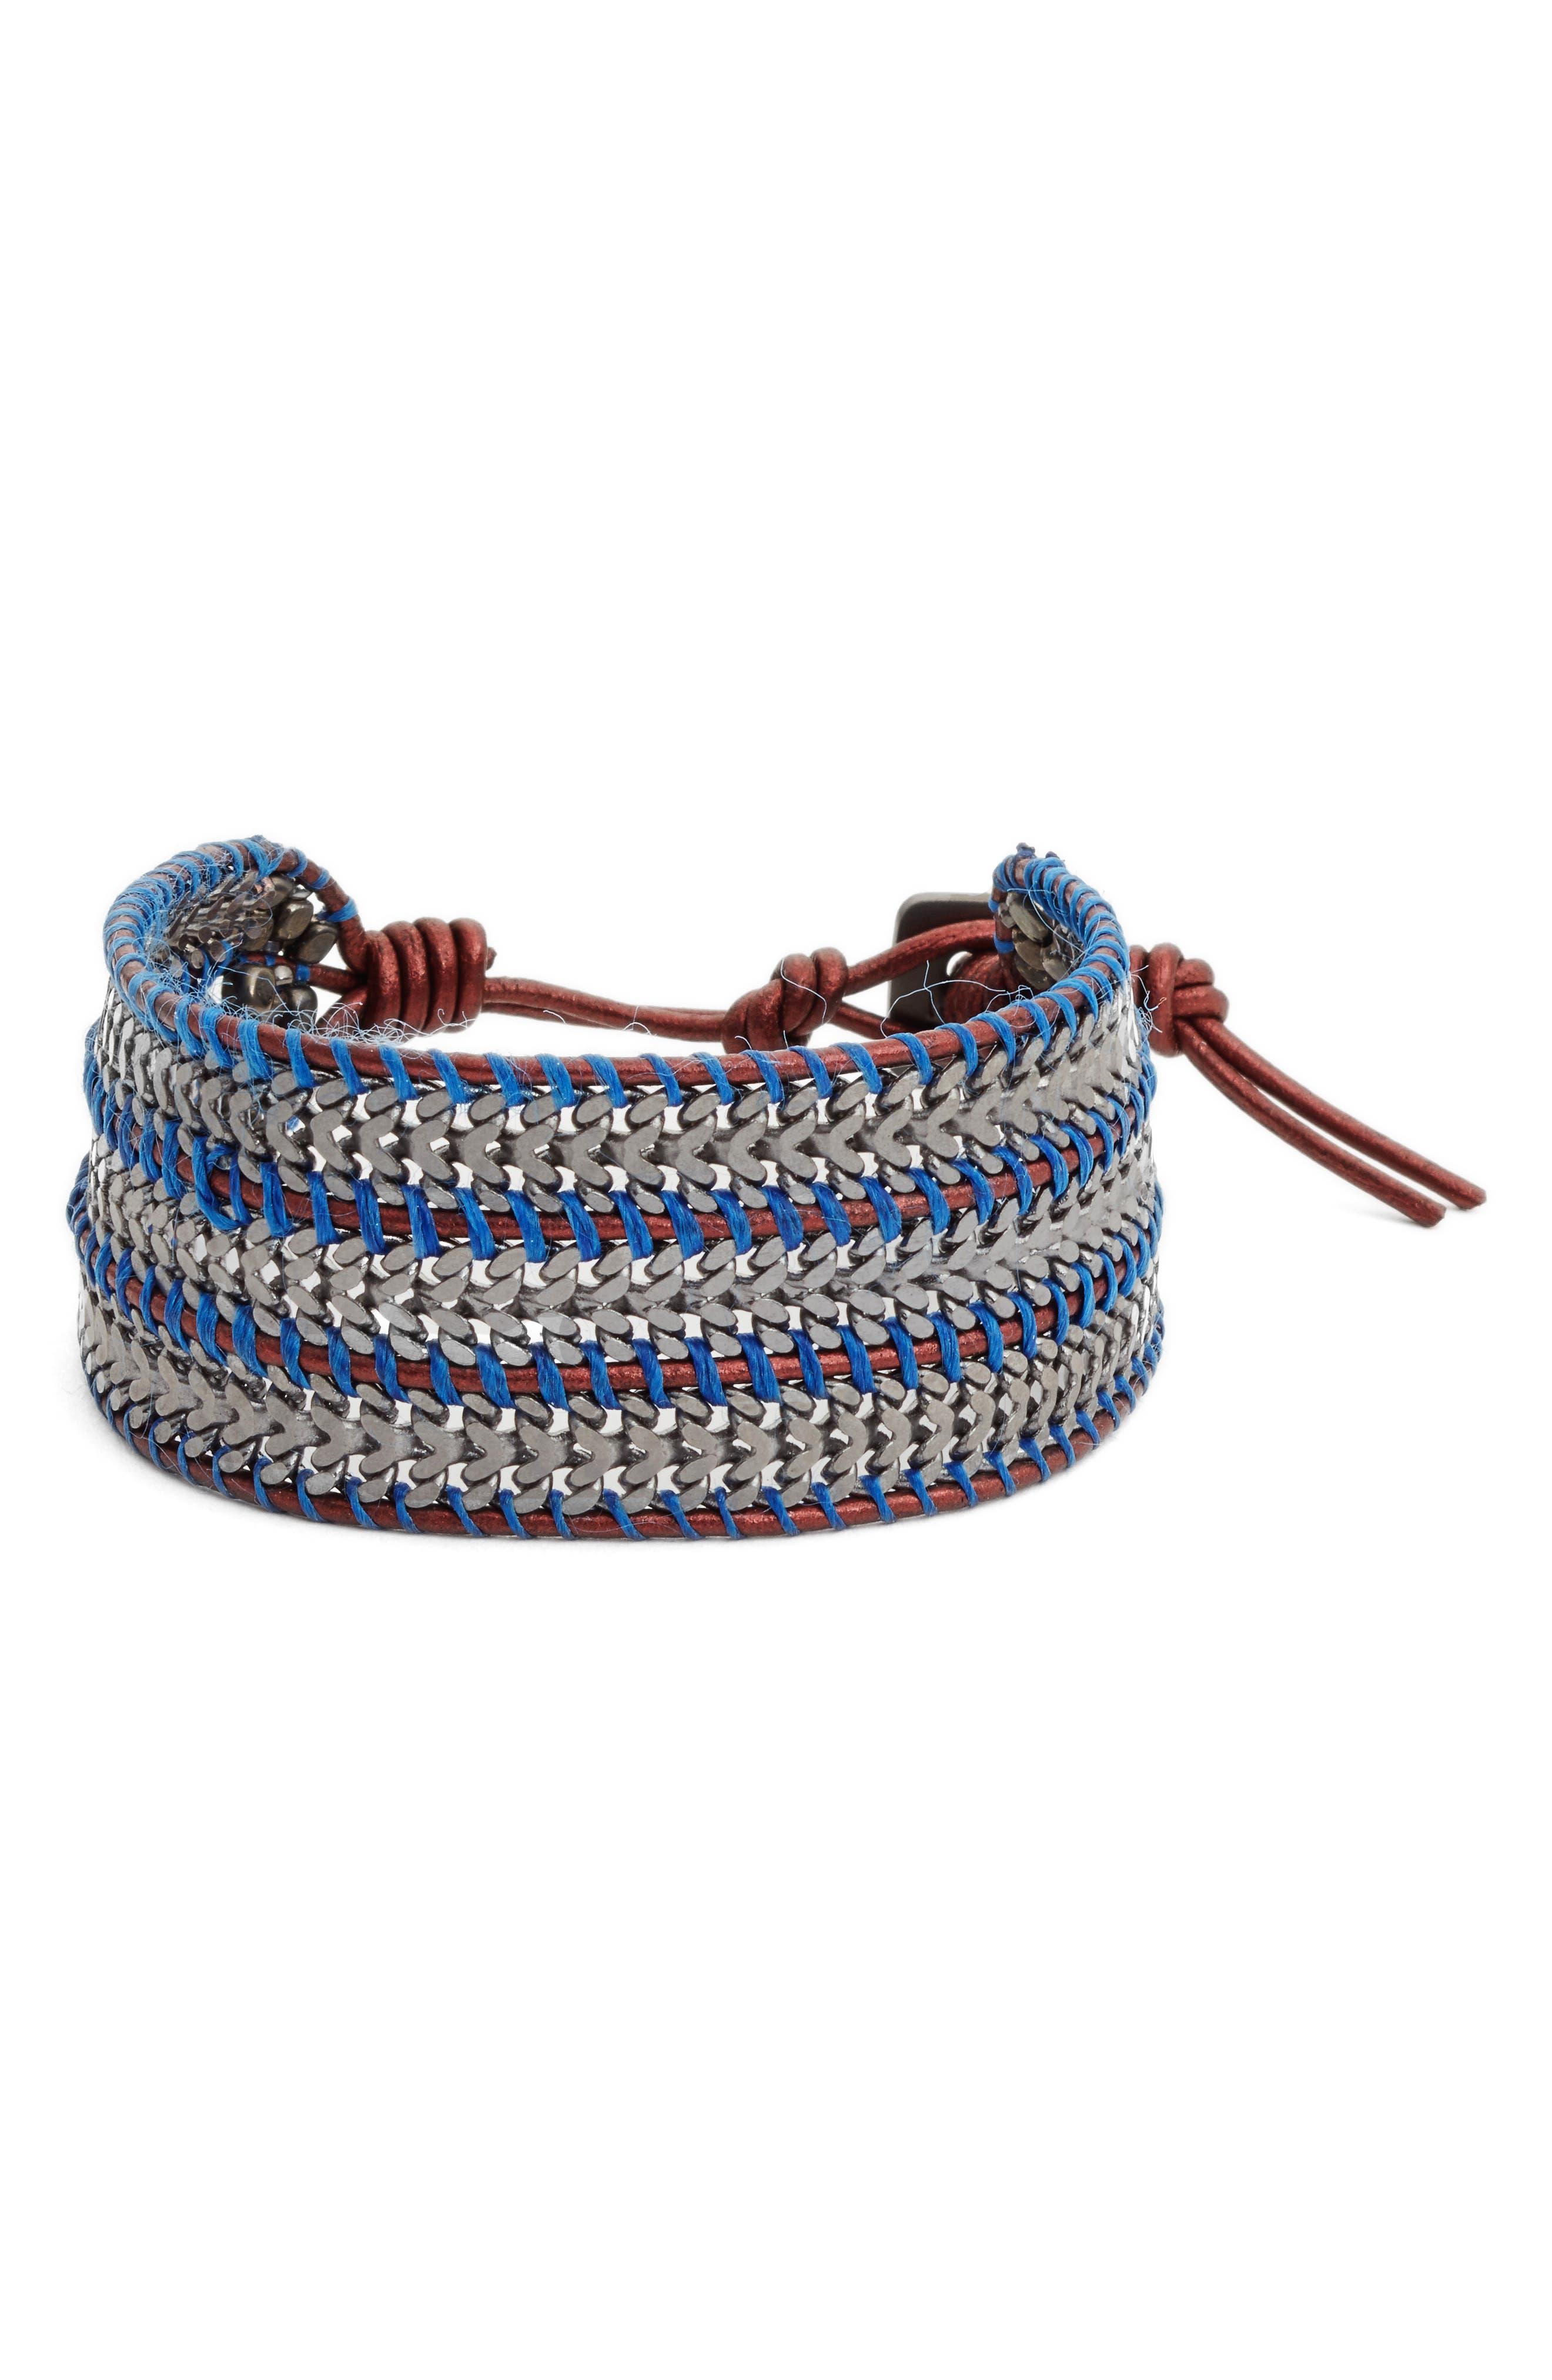 Alternate Image 1 Selected - Nakamol Design Trush Chain & Leather Bracelet